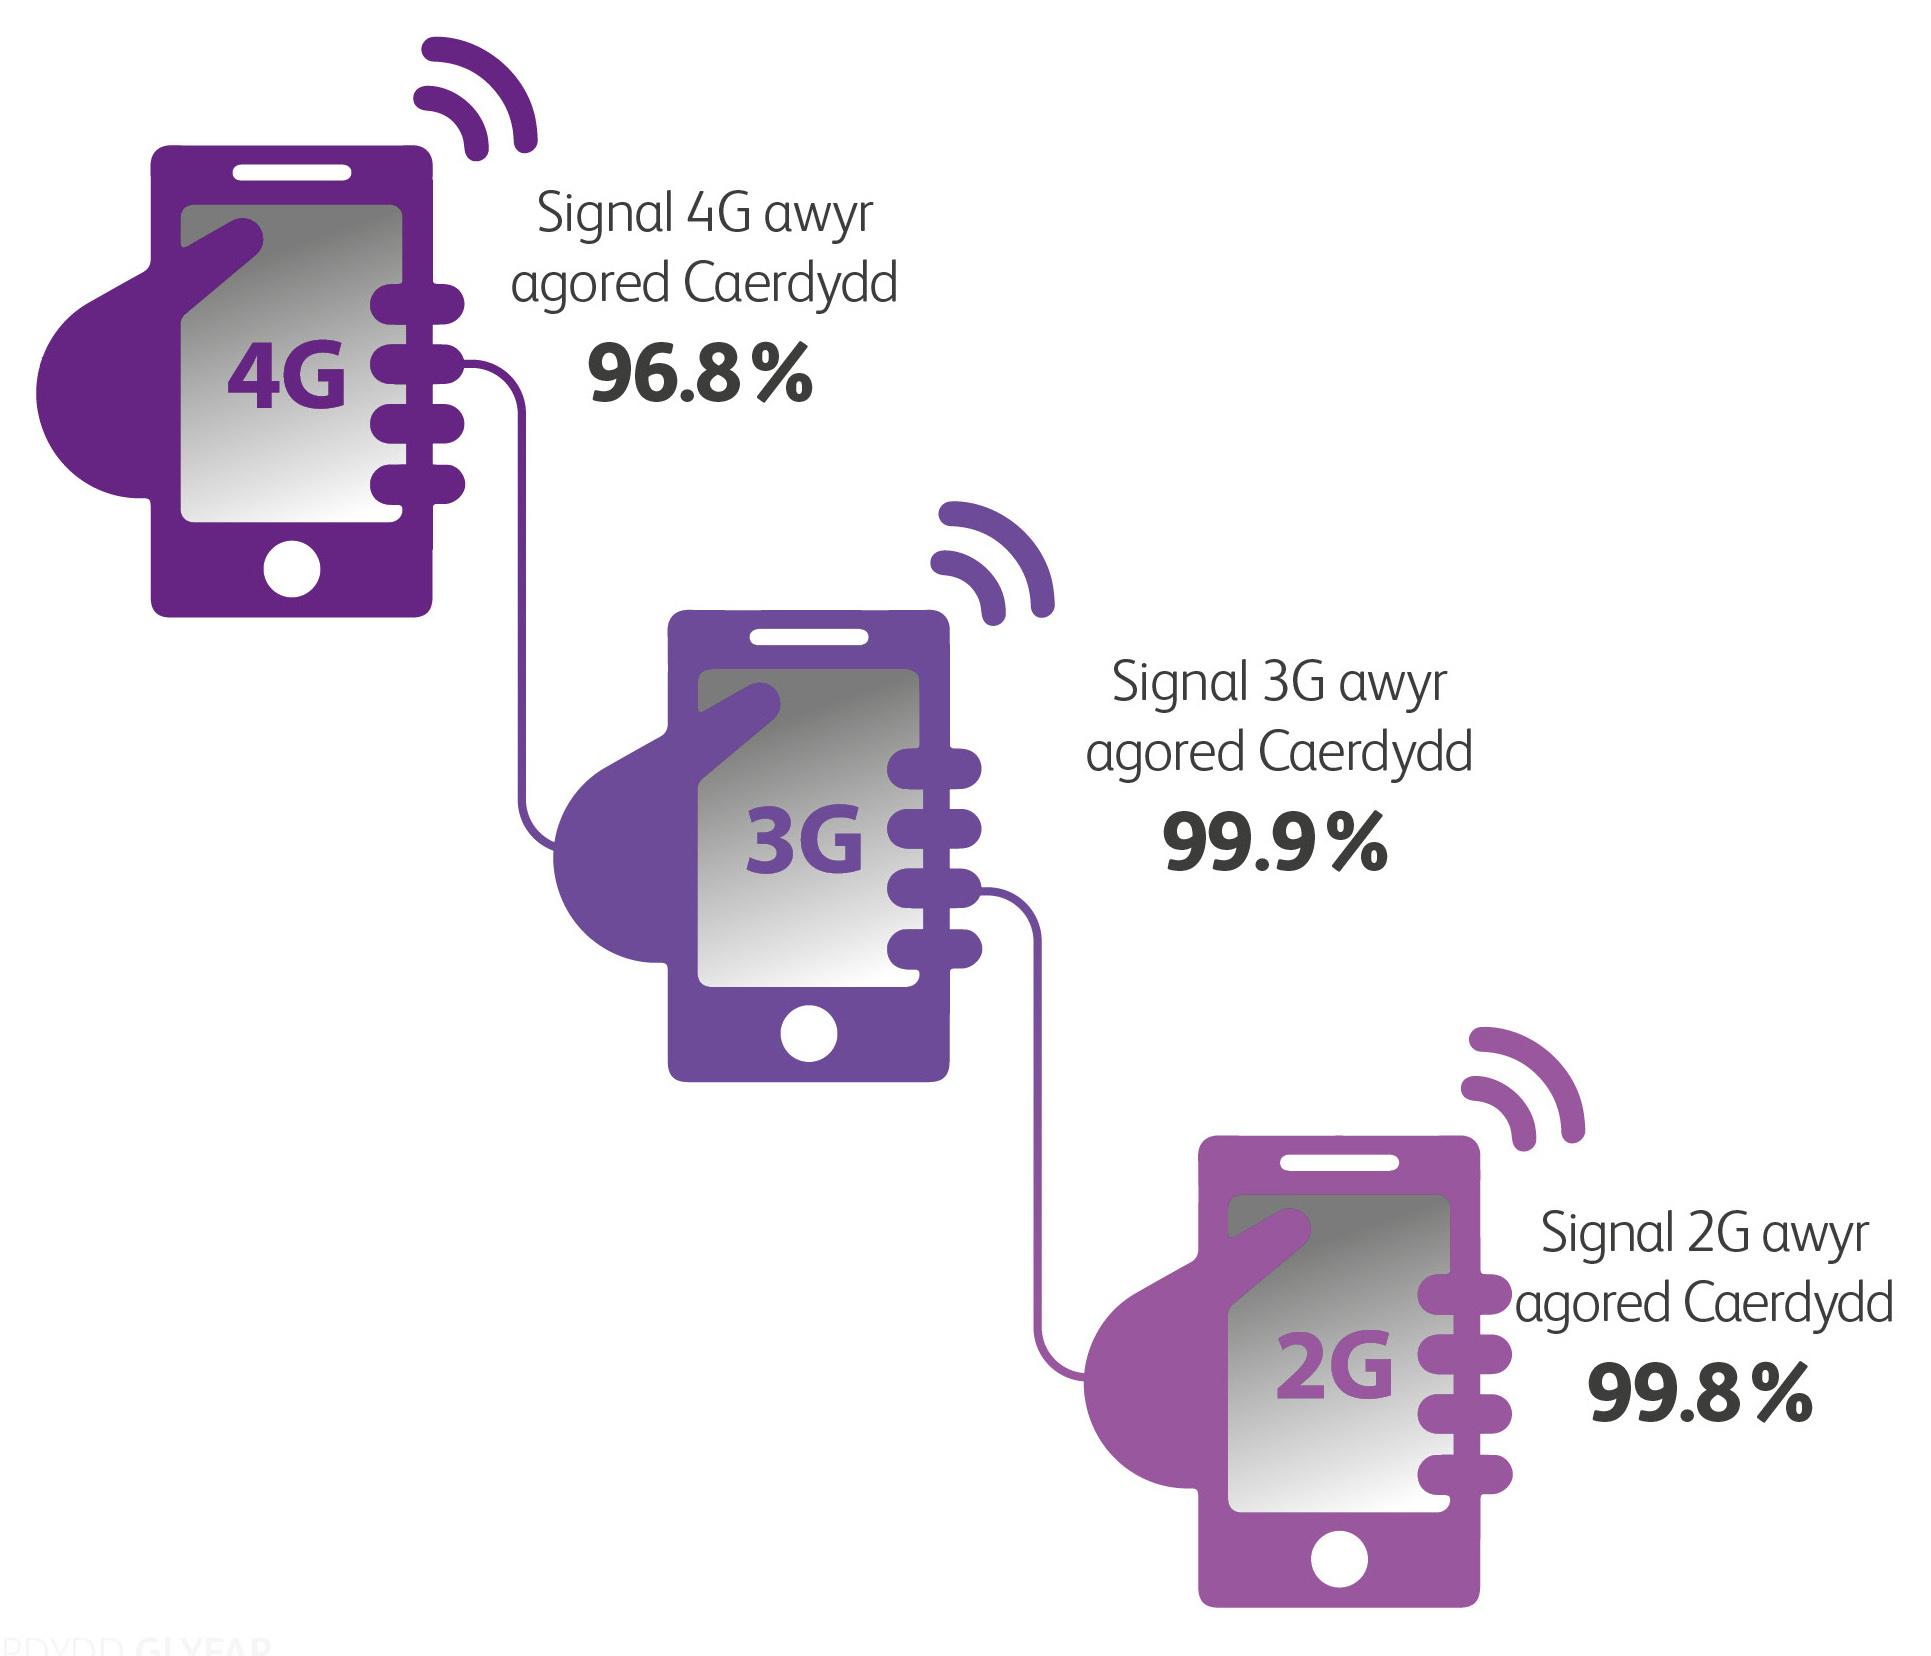 Signal 4G awyr agored Caerdydd 96.8% | Signal 3G awyr agored Caerdydd 99.9% Signal 2G awyr agored Caerdydd 99.8%